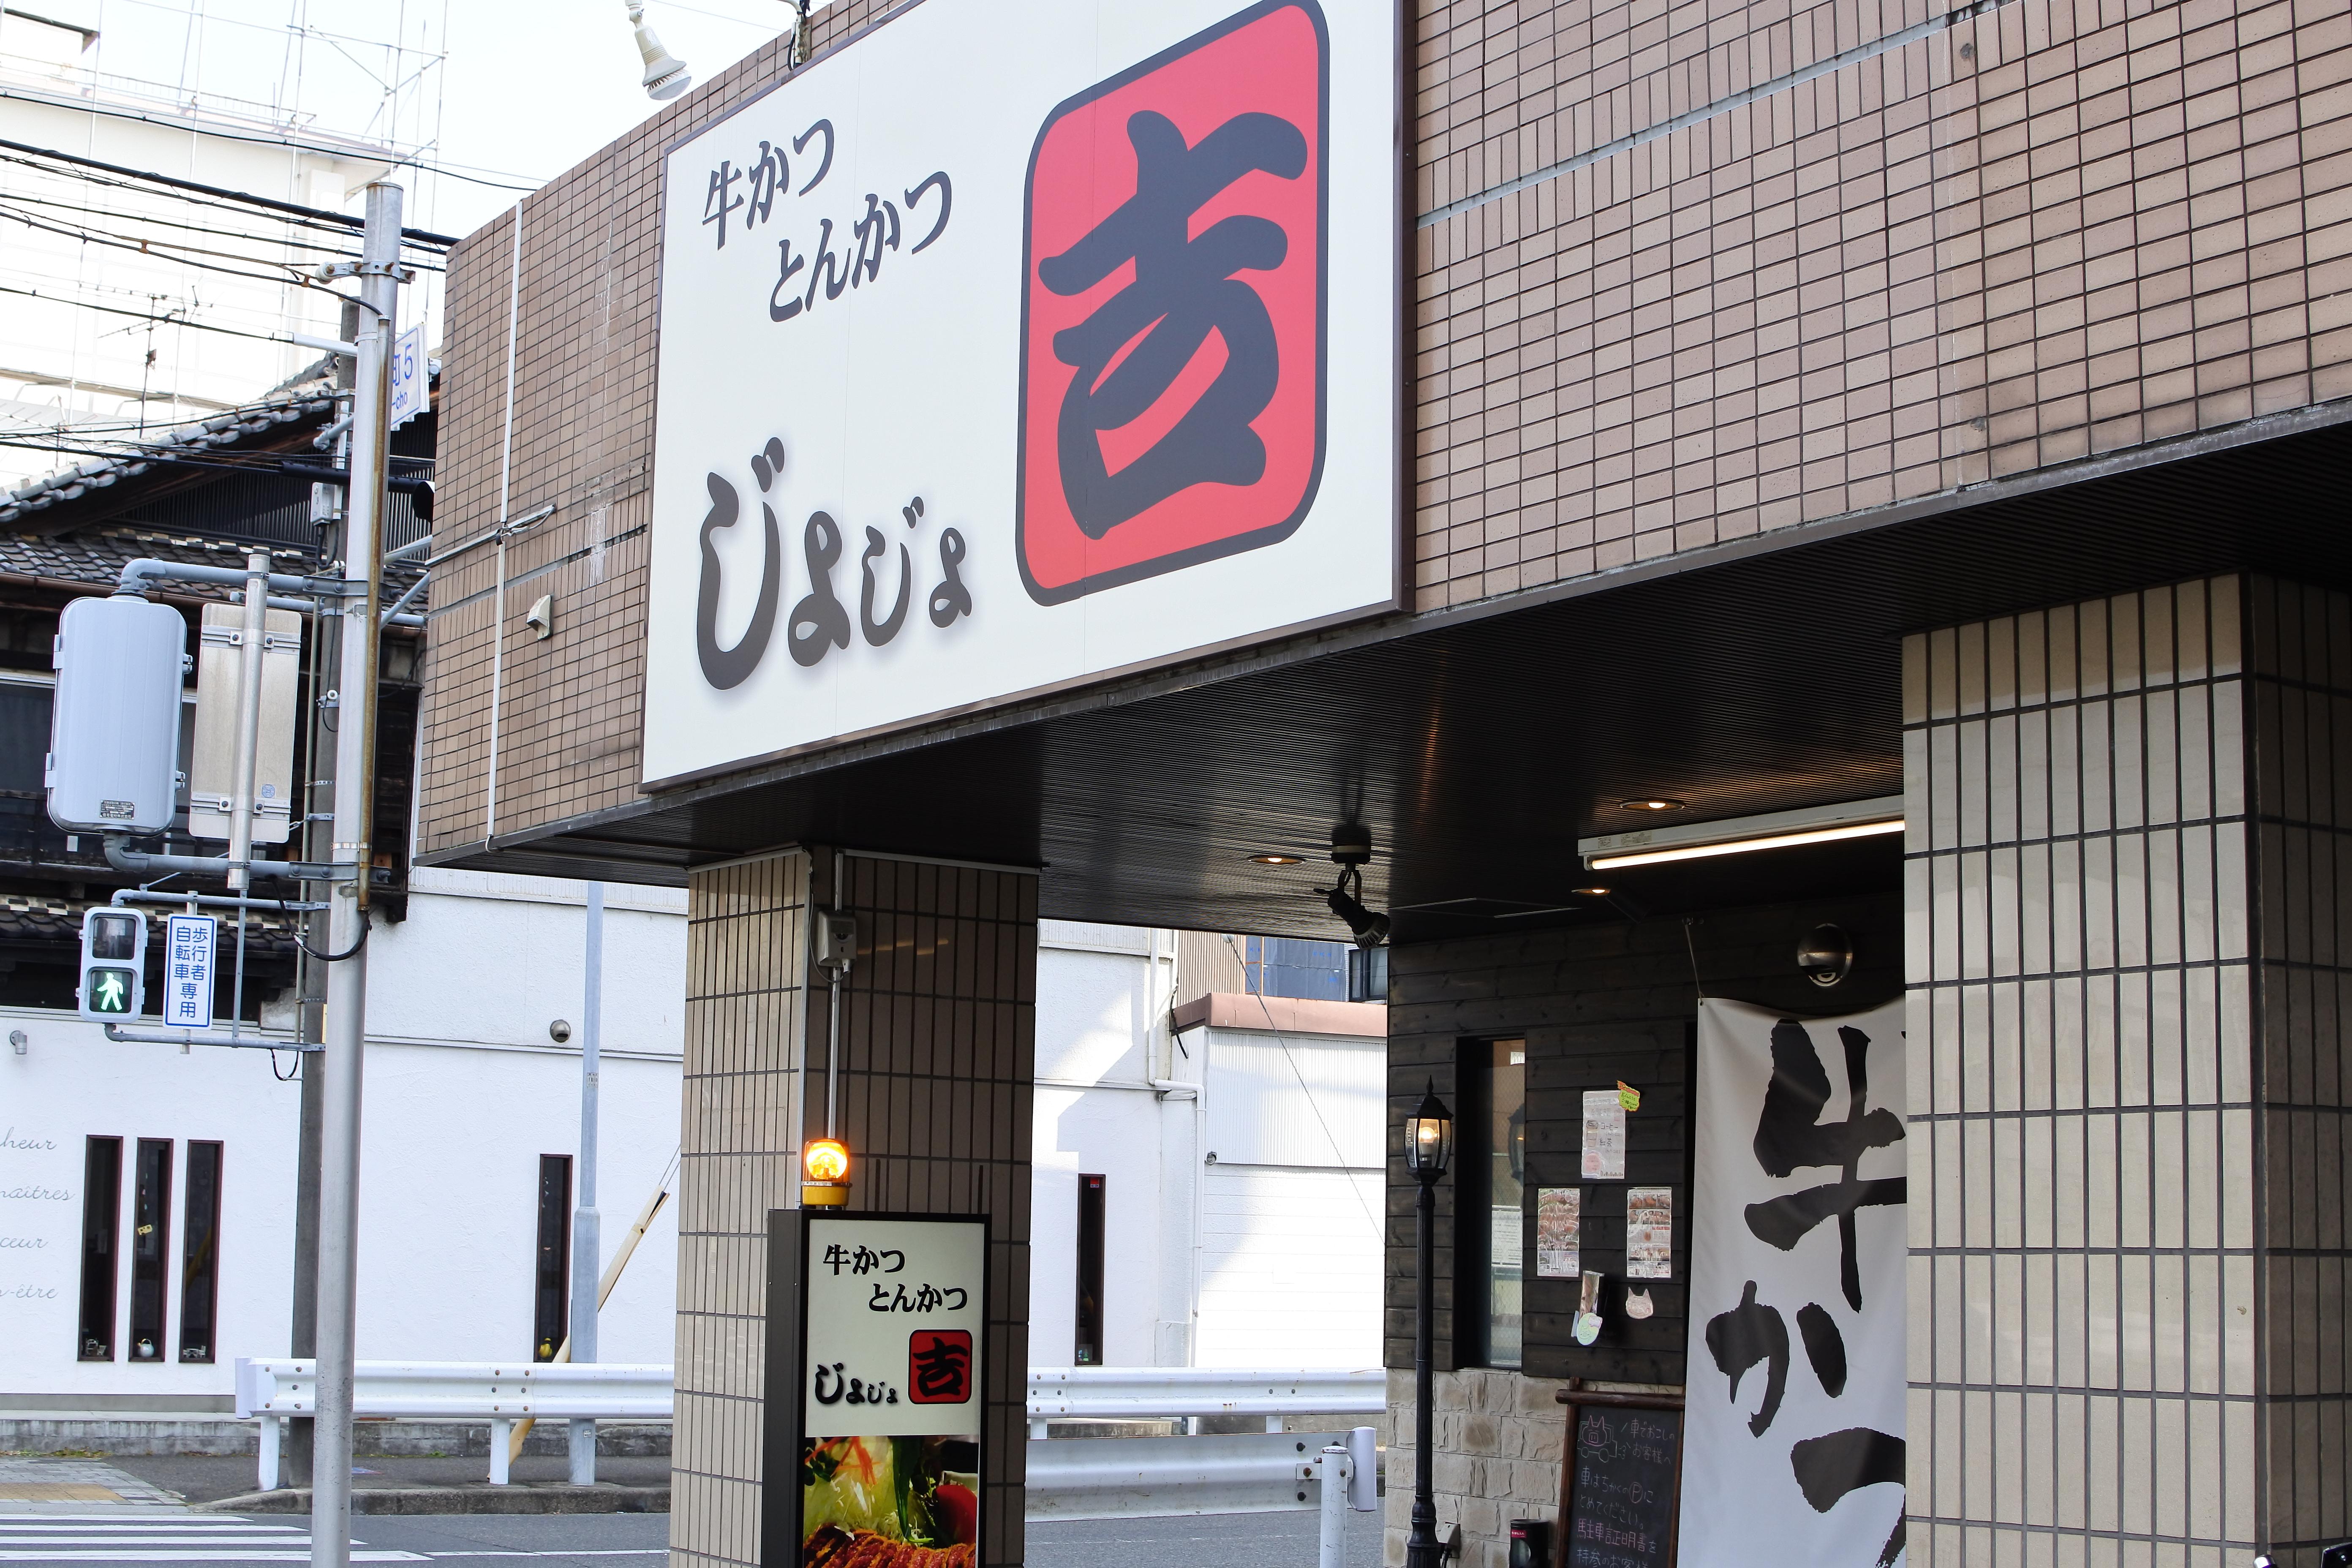 駅チカ学校すぐ!昭和区で牛かつとお得ランチを楽しむなら『じょじょ吉』がオススメ - DSC 1145